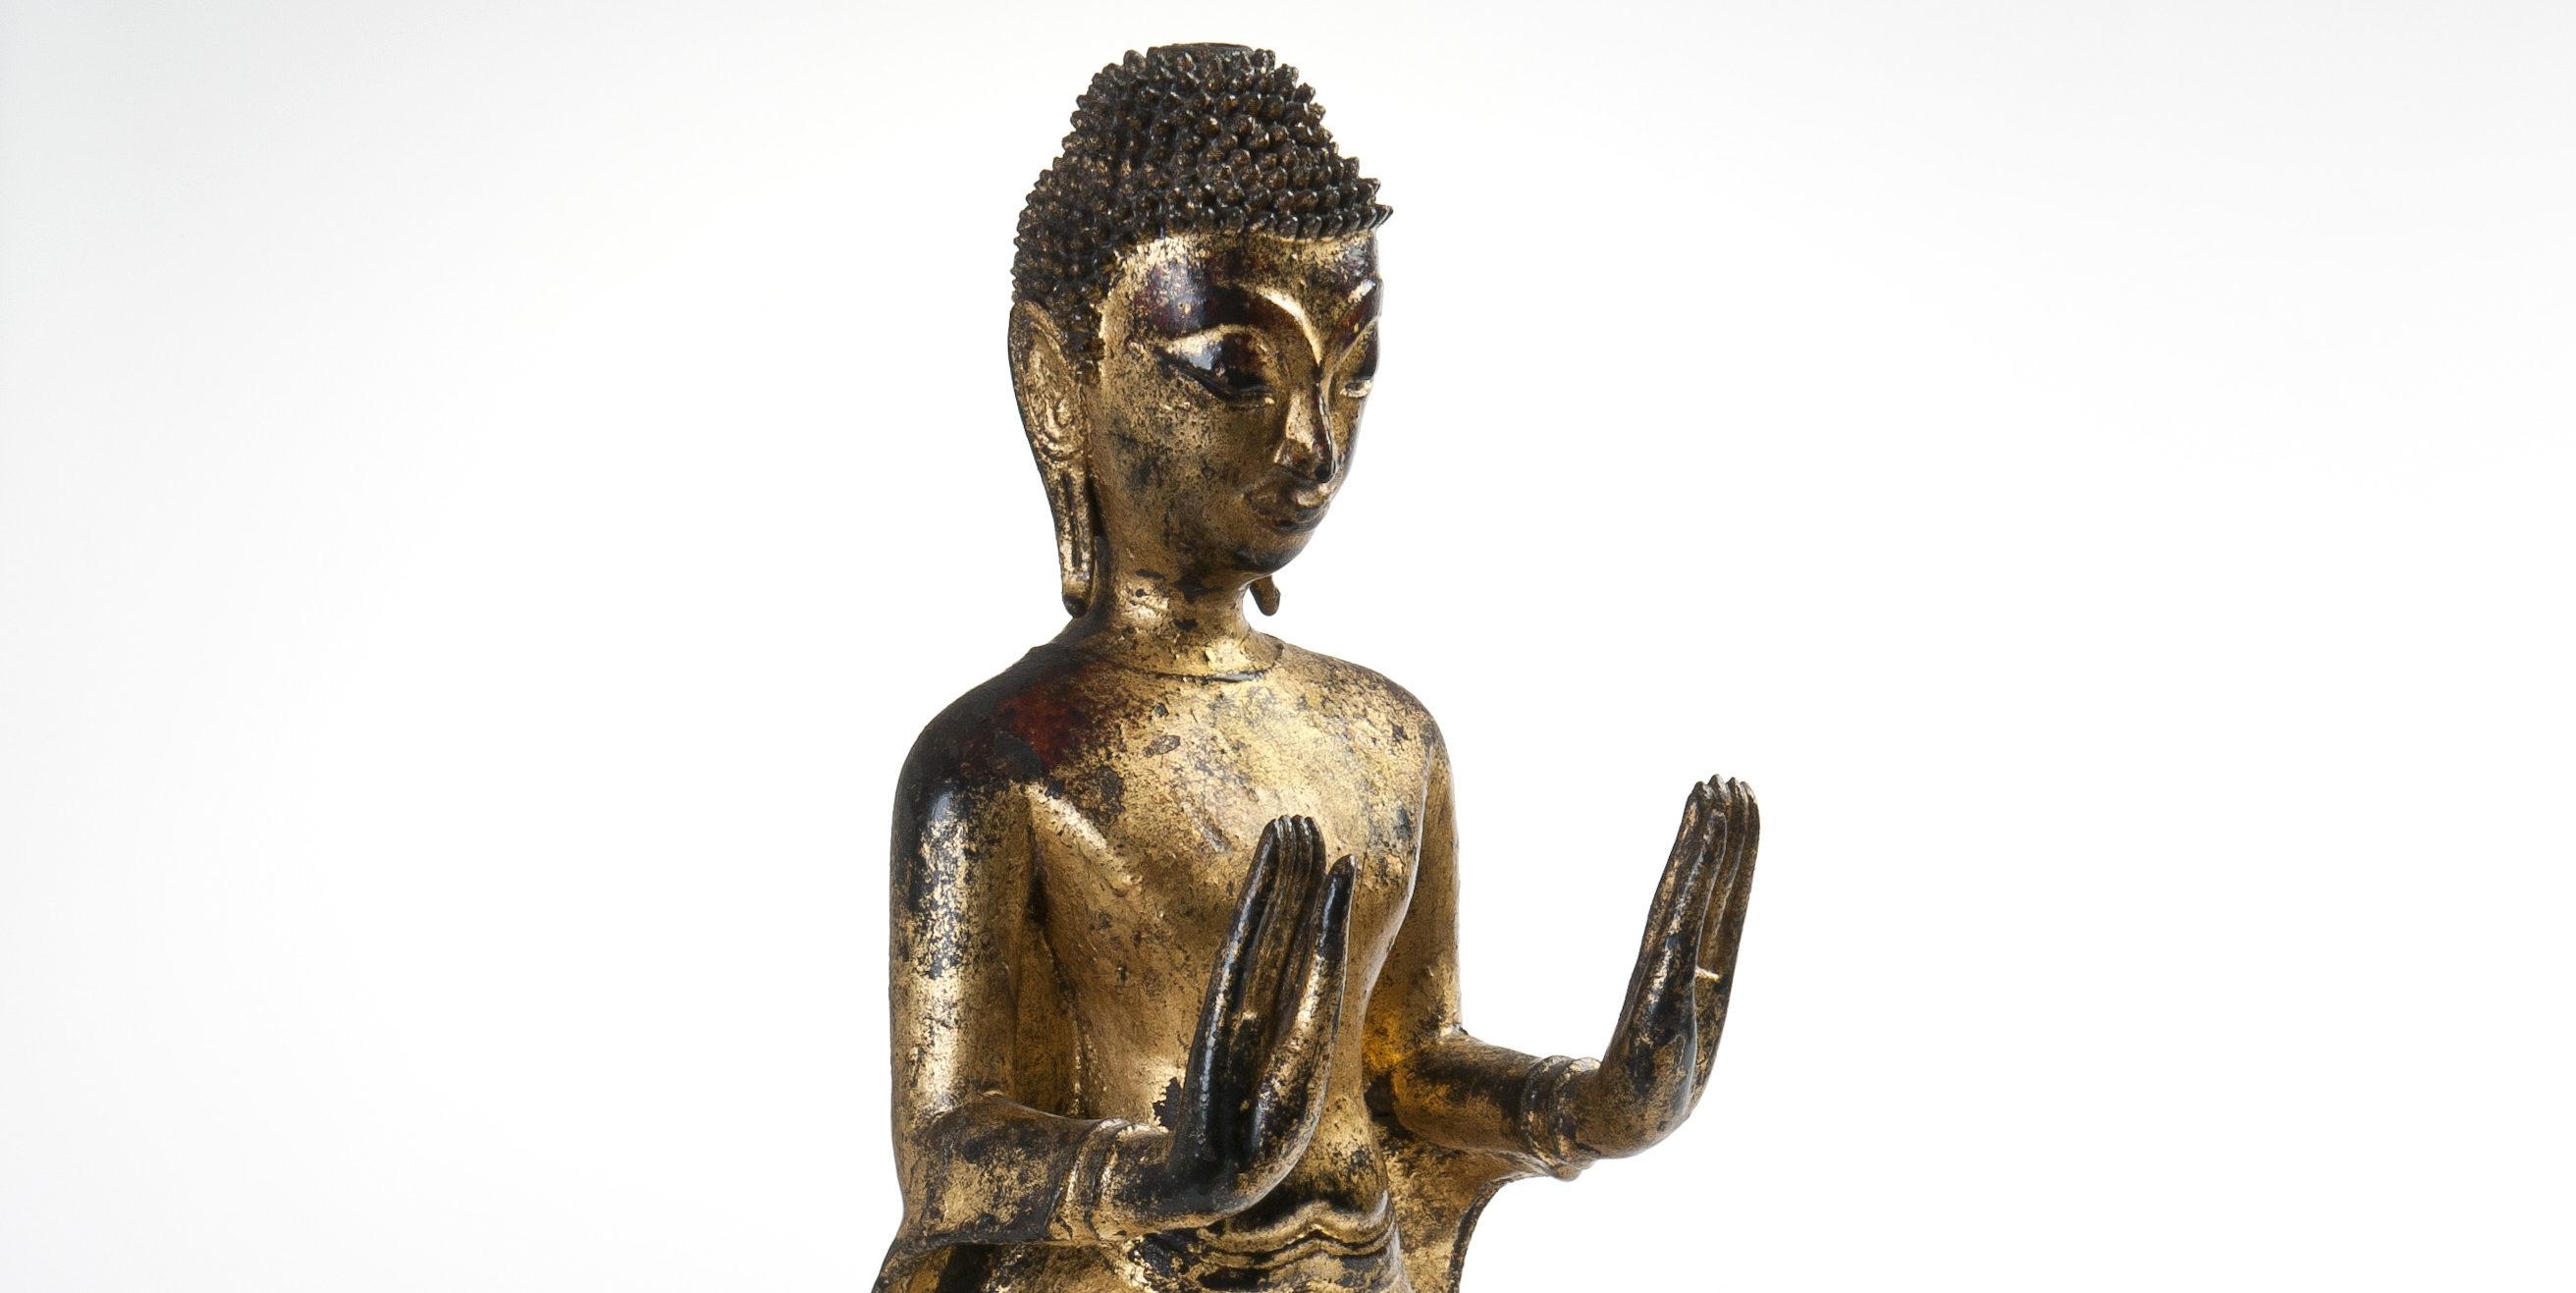 Rzeźba Buddy z północnej Tajlandii ze zbiorów Muzeum Okręgowego w Toruniu